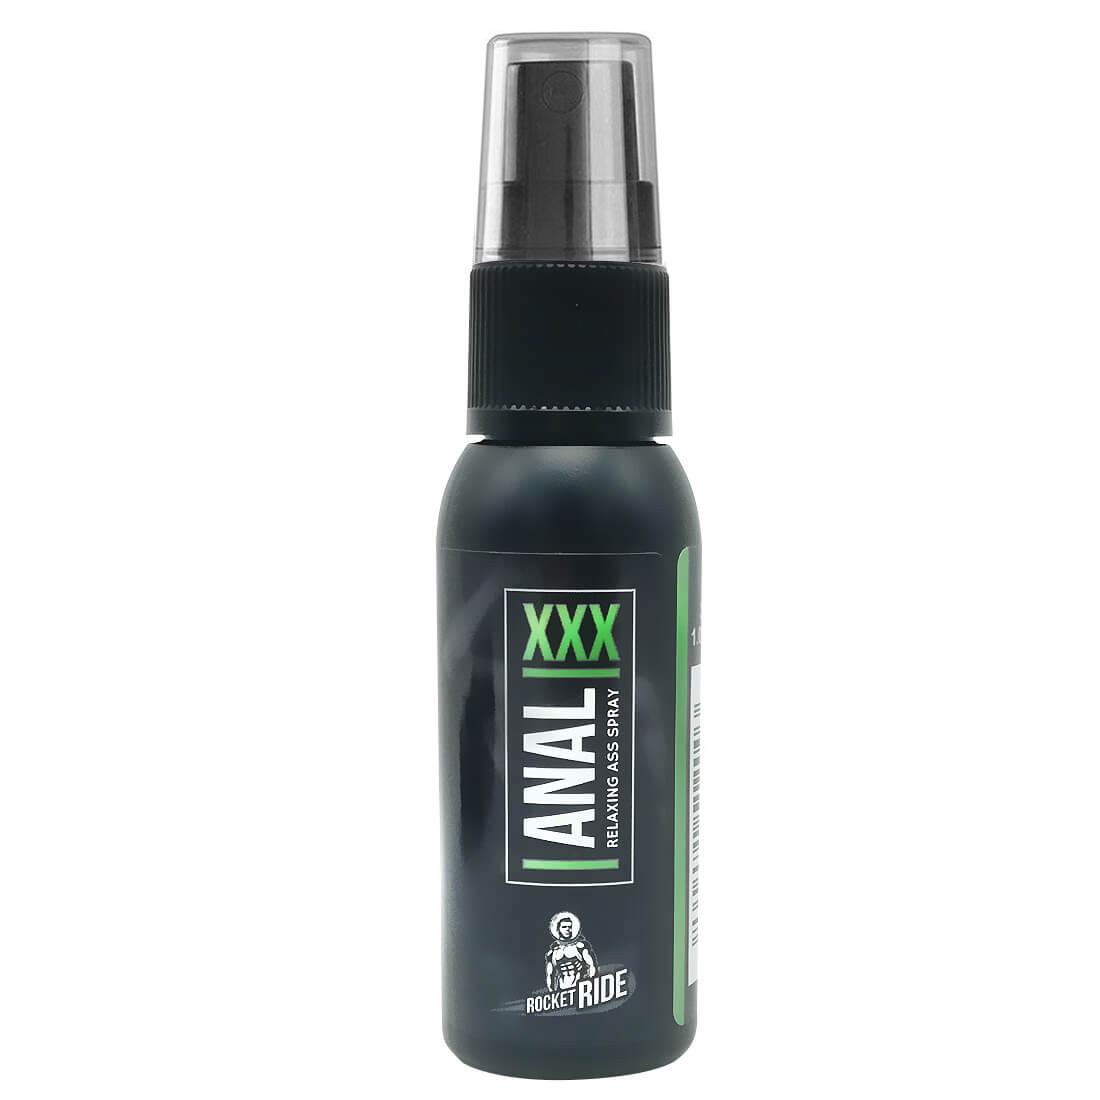 Anal bottle rocket